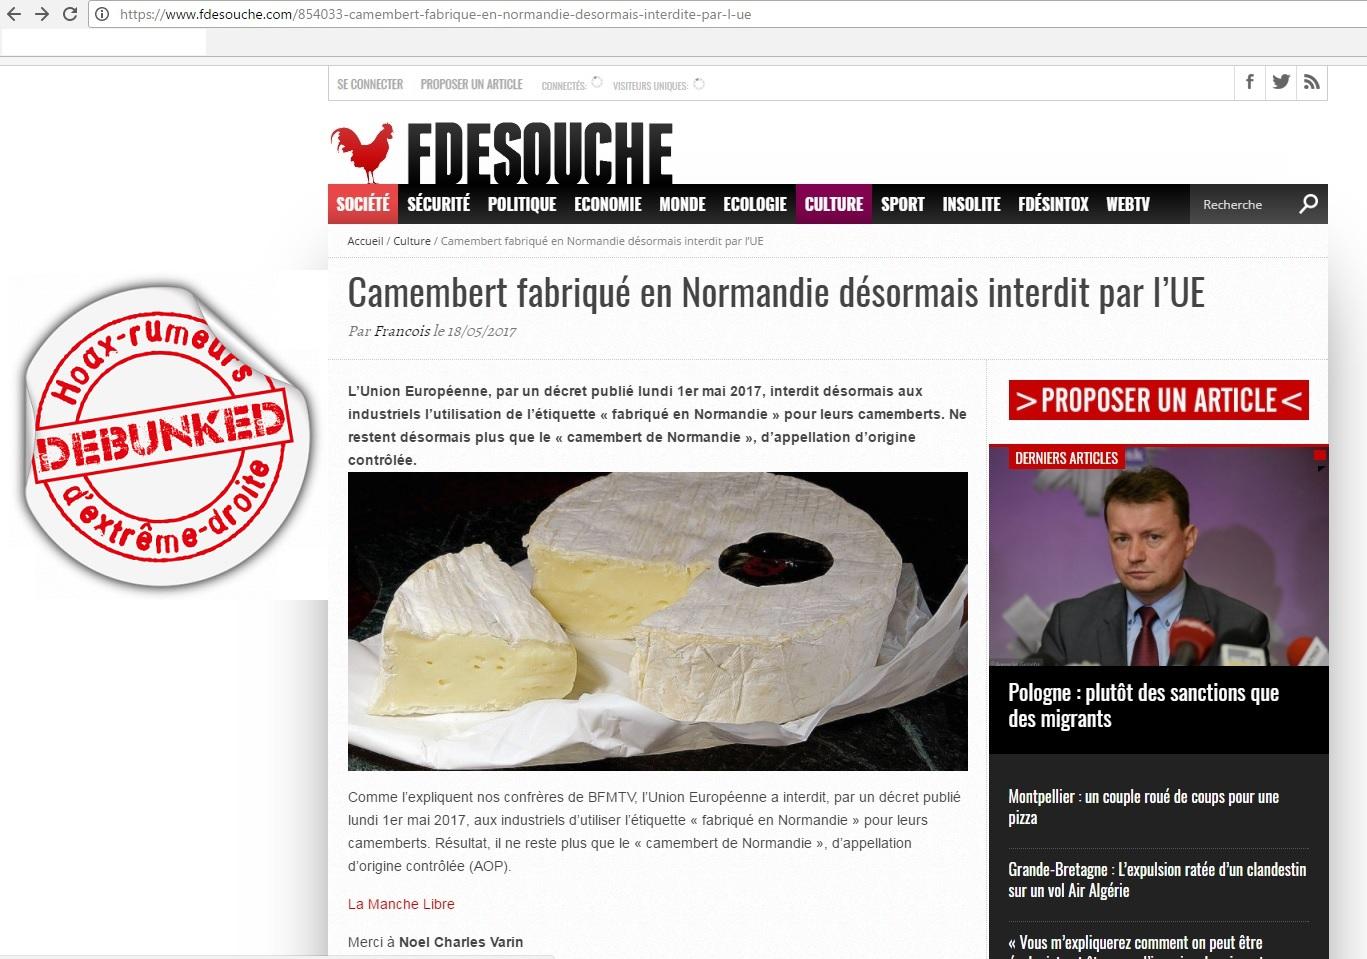 collard camembert fdesouche.jpg